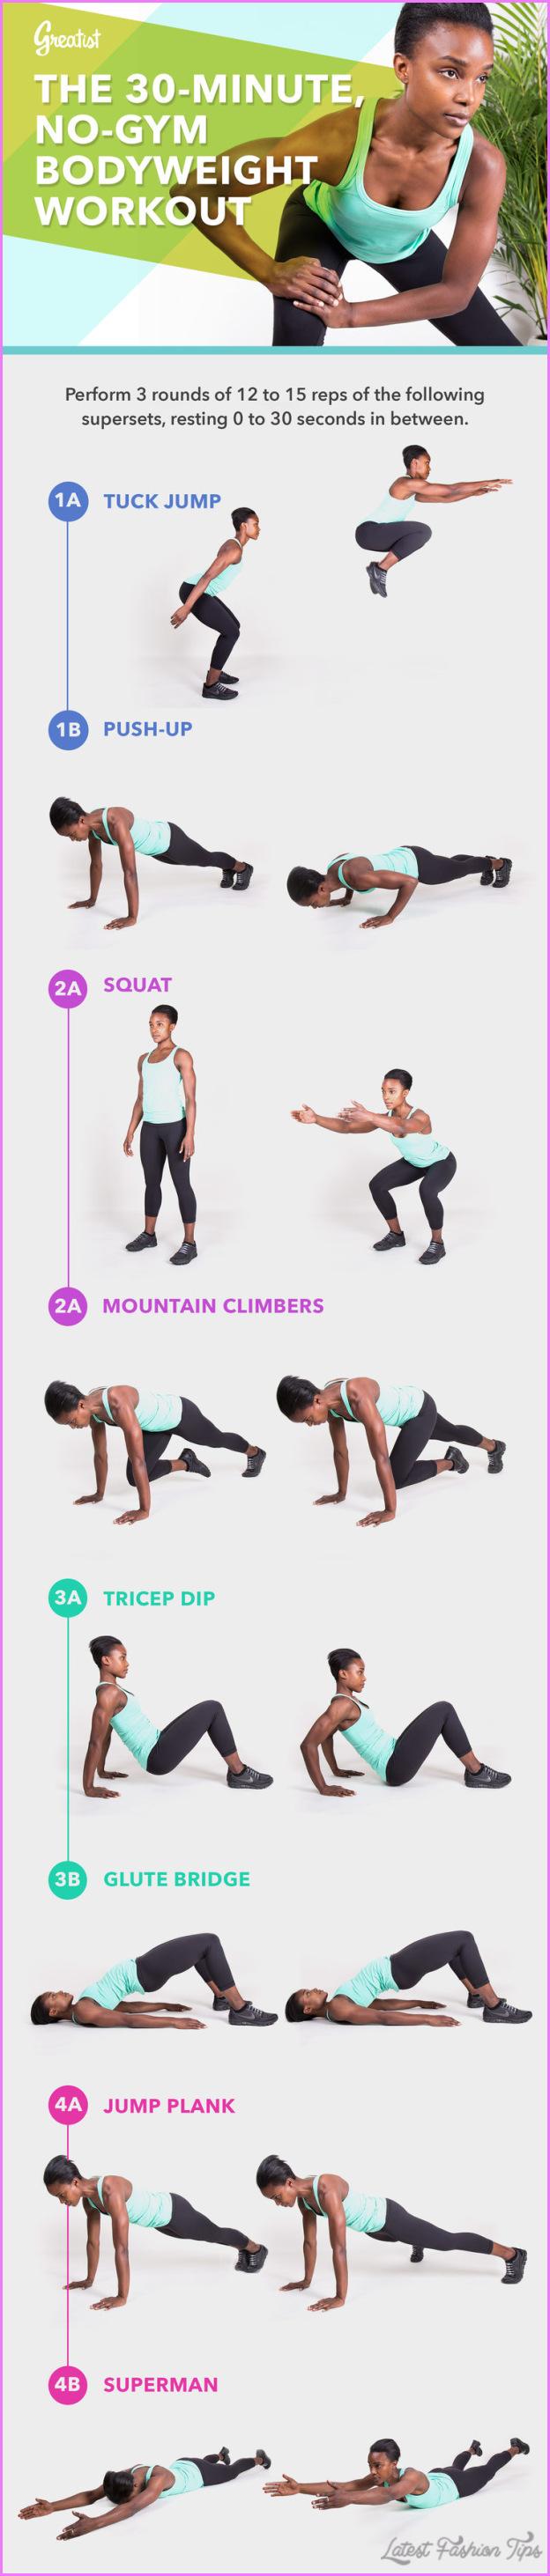 Body Weight Exercises For Women_7.jpg